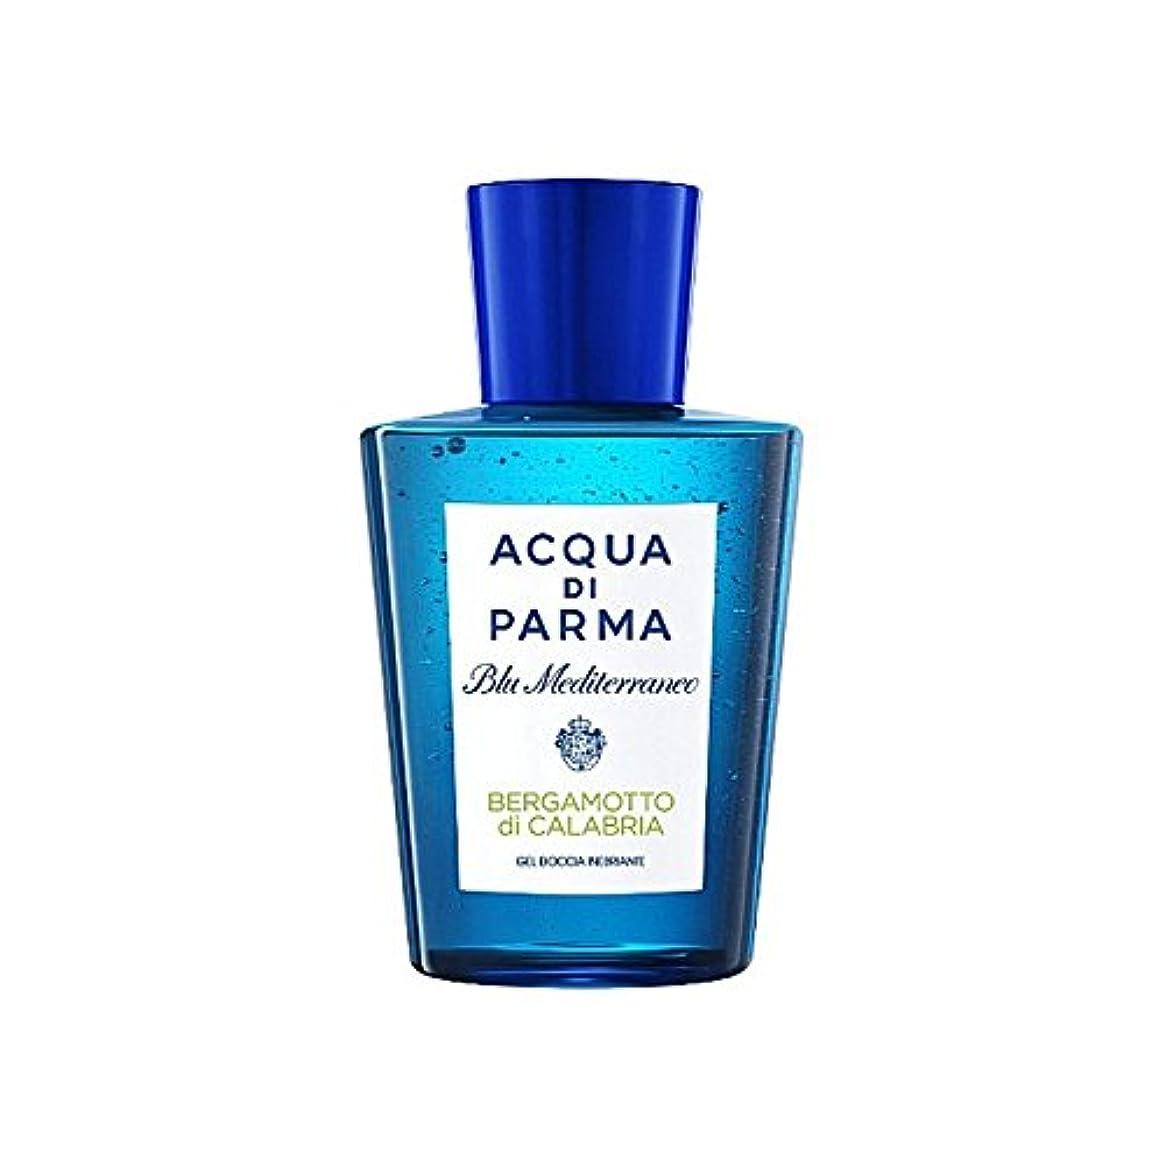 バランス大胆靄アクアディパルマブルーメディのディカラブリアシャワージェル200 x2 - Acqua Di Parma Blu Mediterraneo Bergamotto Di Calabria Shower Gel 200ml (Pack of 2) [並行輸入品]